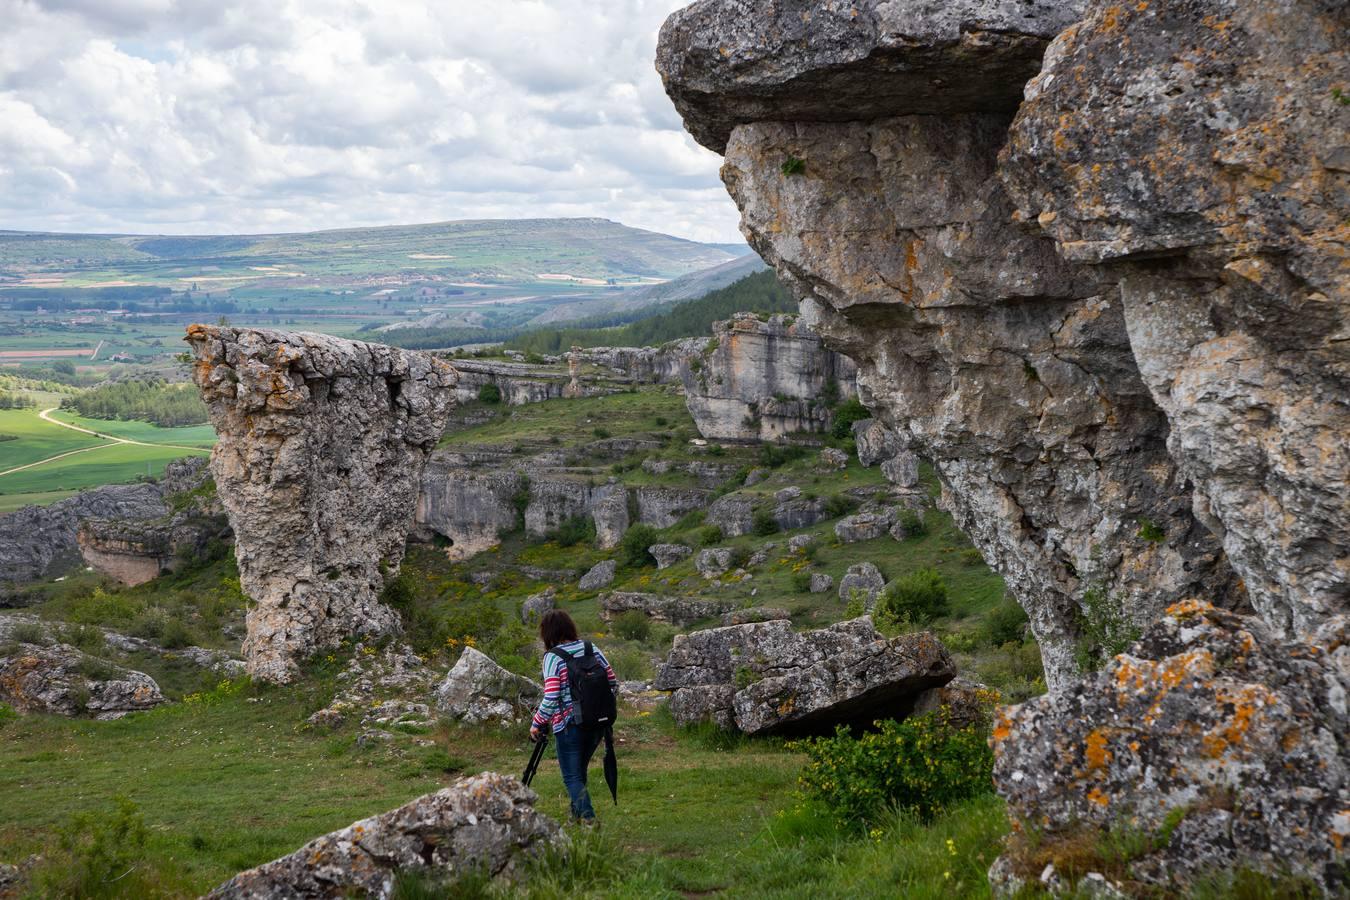 Un paseo por el monumento natural de Las Tuerces